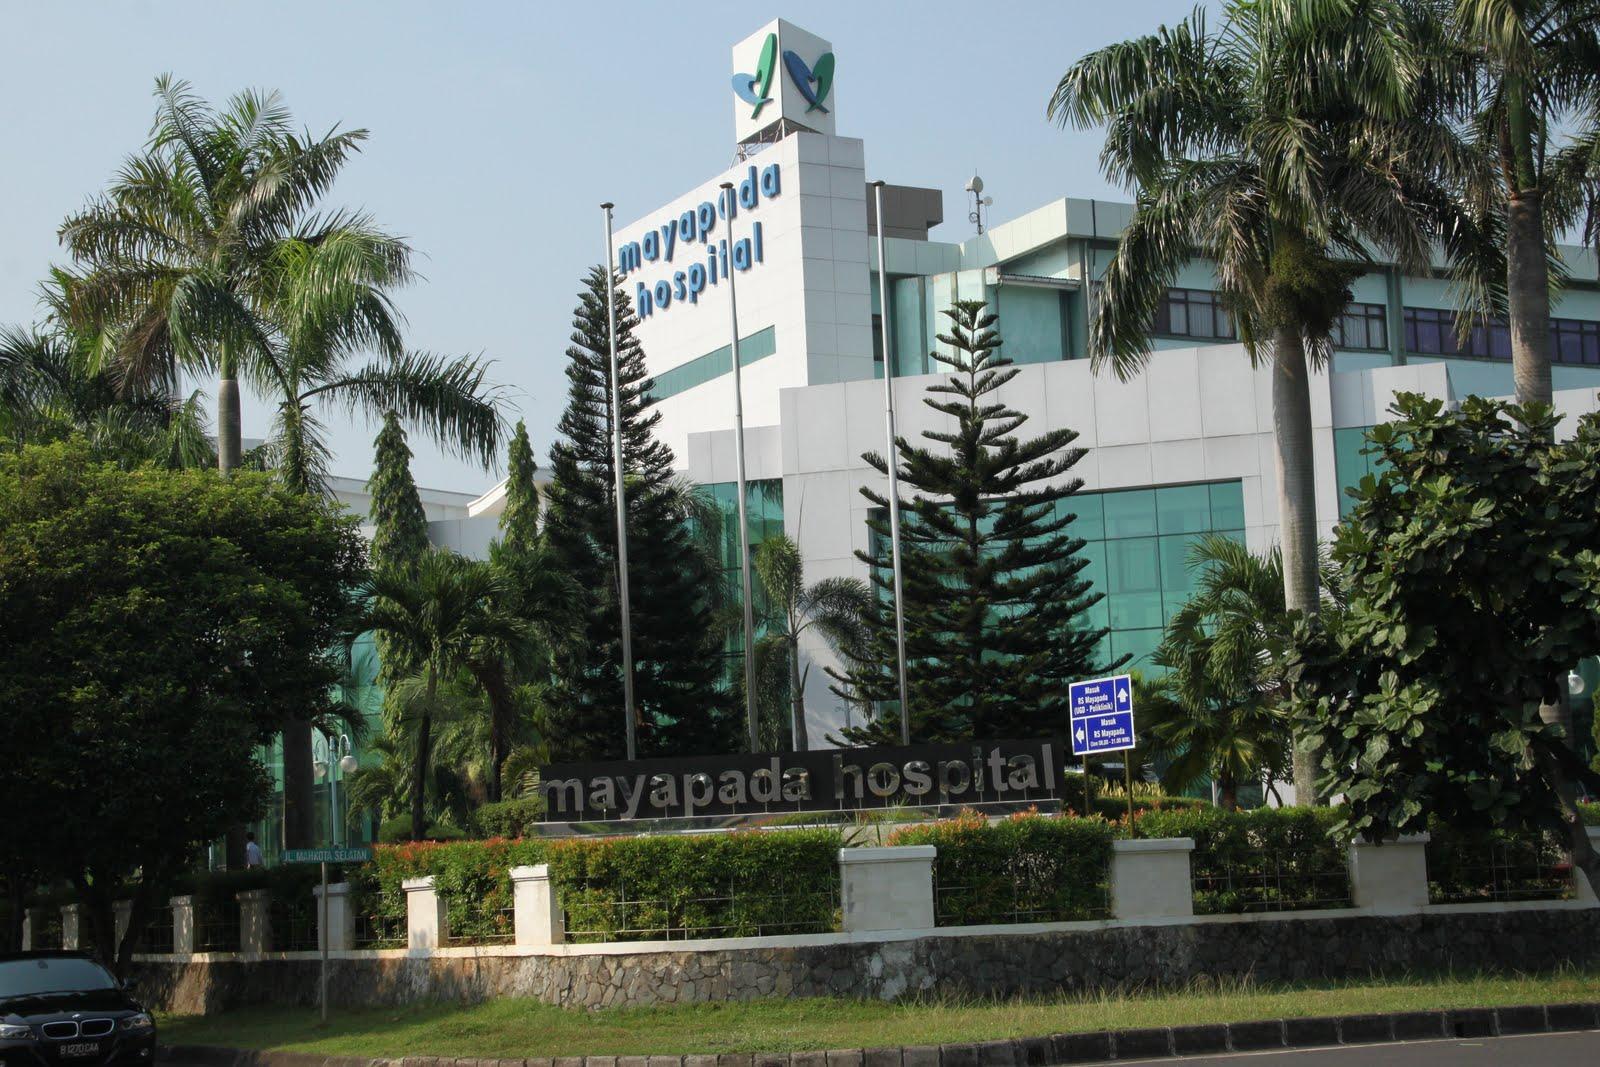 Rumah Sakit Mayapada Tangerang